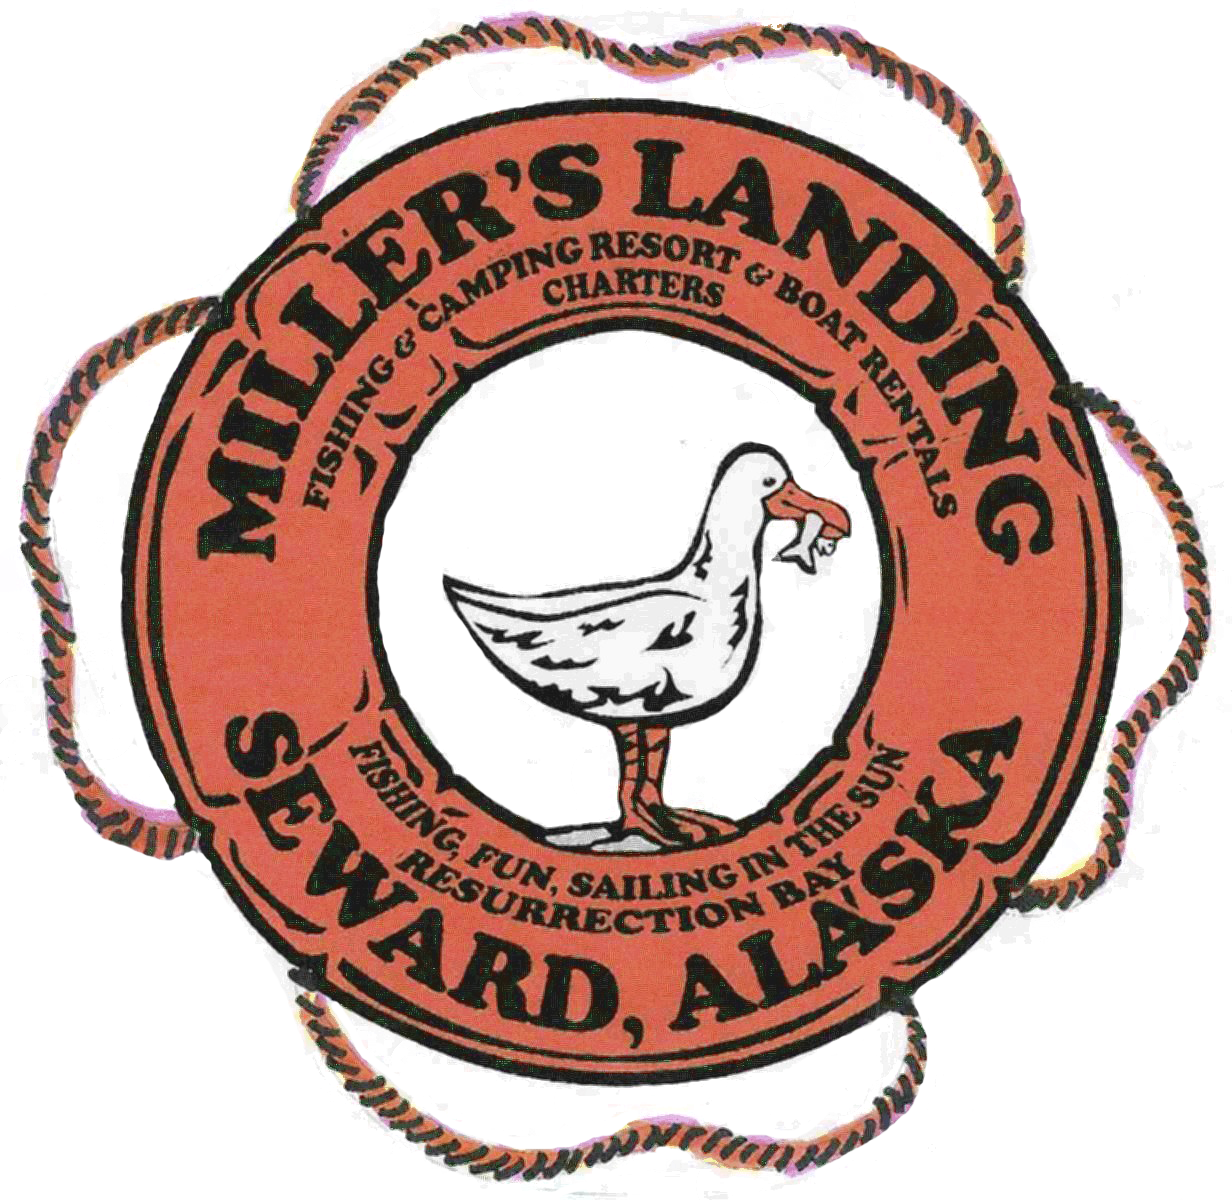 Miller's Landing Logo